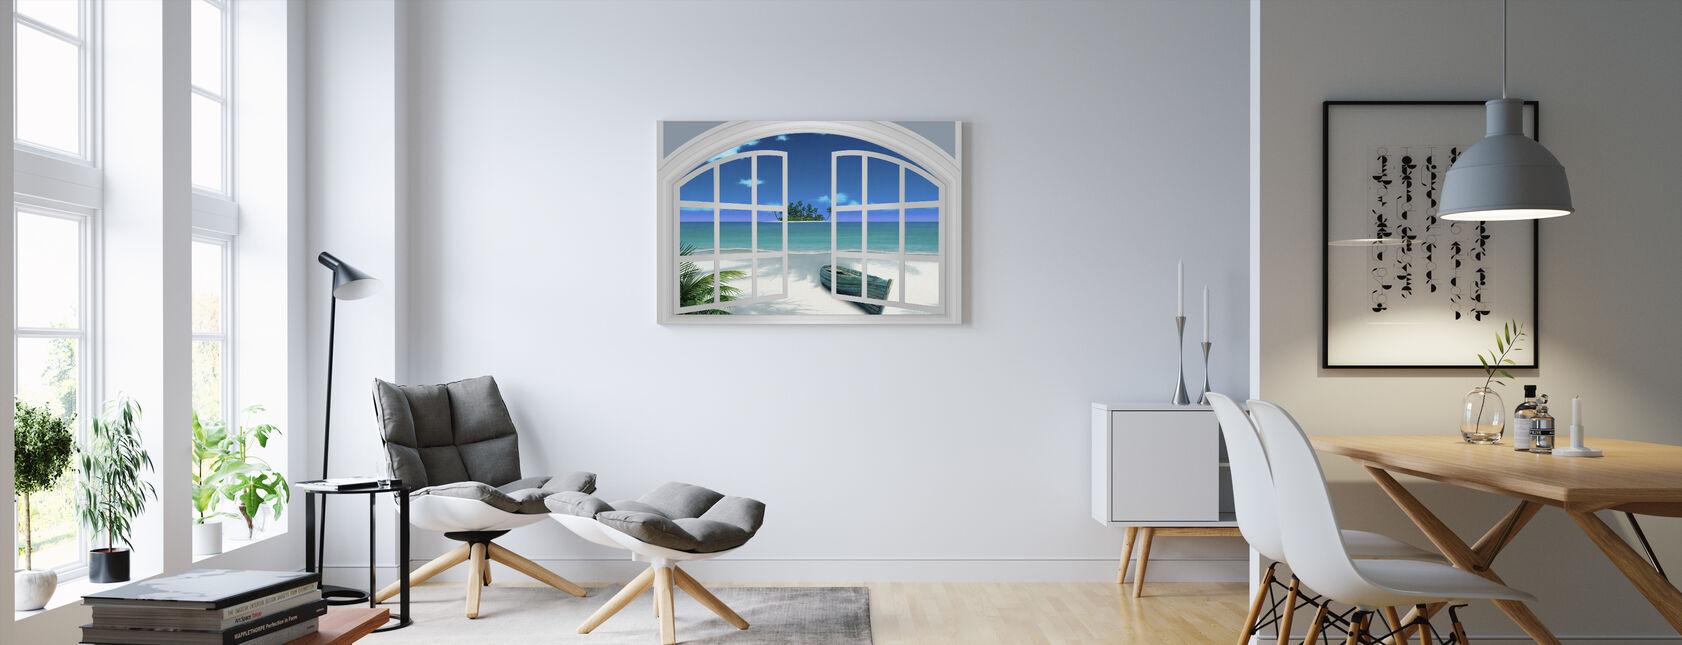 Beach View Through Window - Canvas print - Living Room